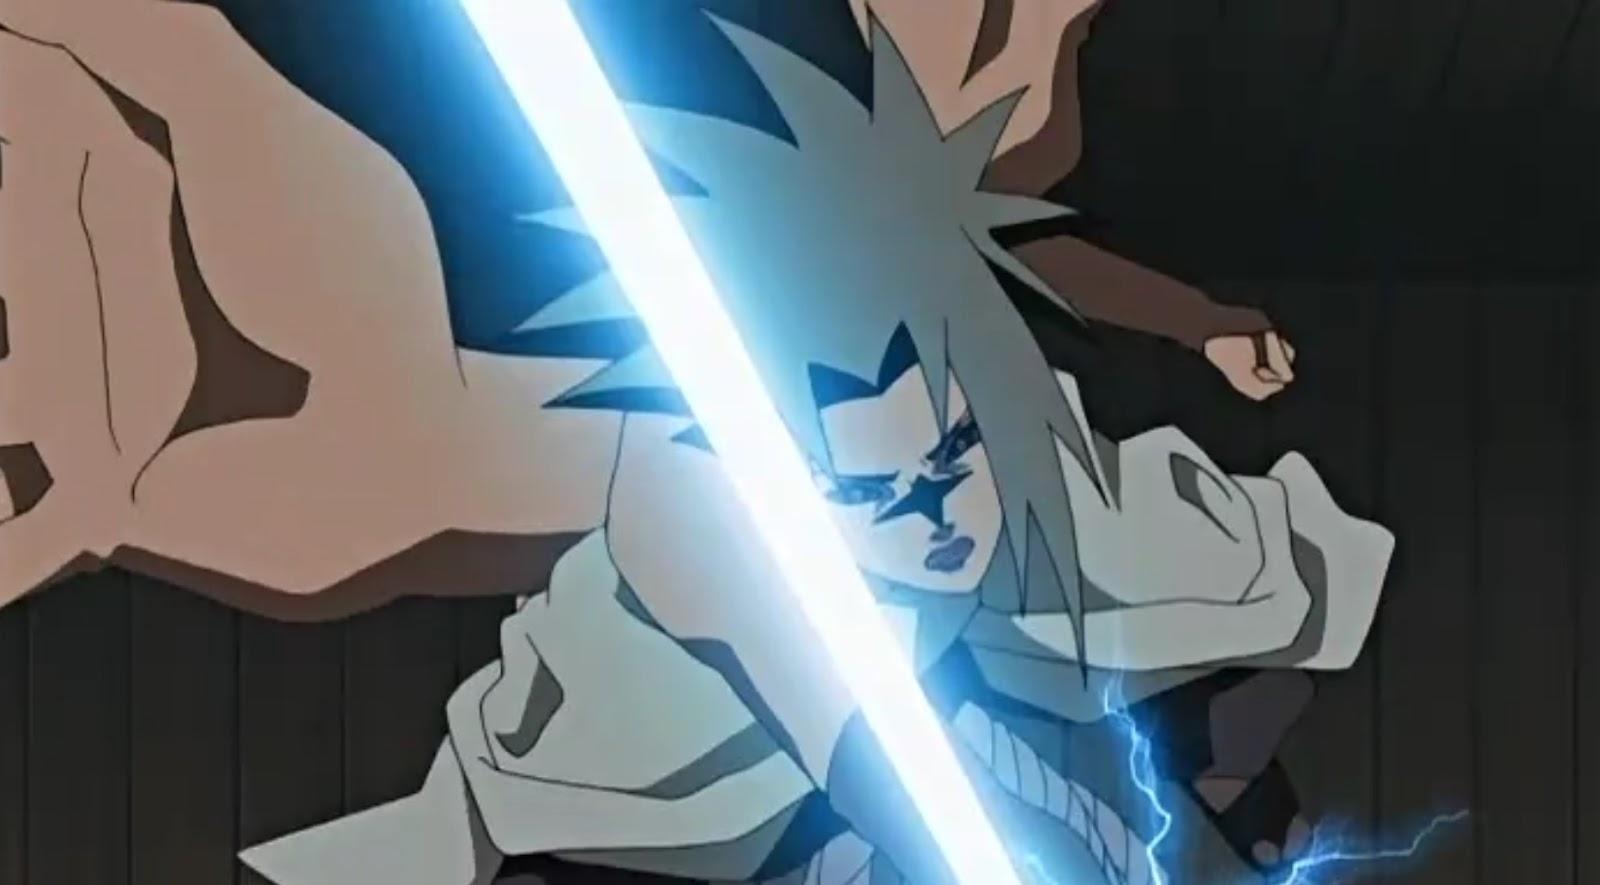 Naruto Shippuden Episódio 114, Naruto Shippuden Episódio 114, Assistir Naruto Shippuden Todos os Episódios Legendado, Naruto Shippuden episódio 114,HD